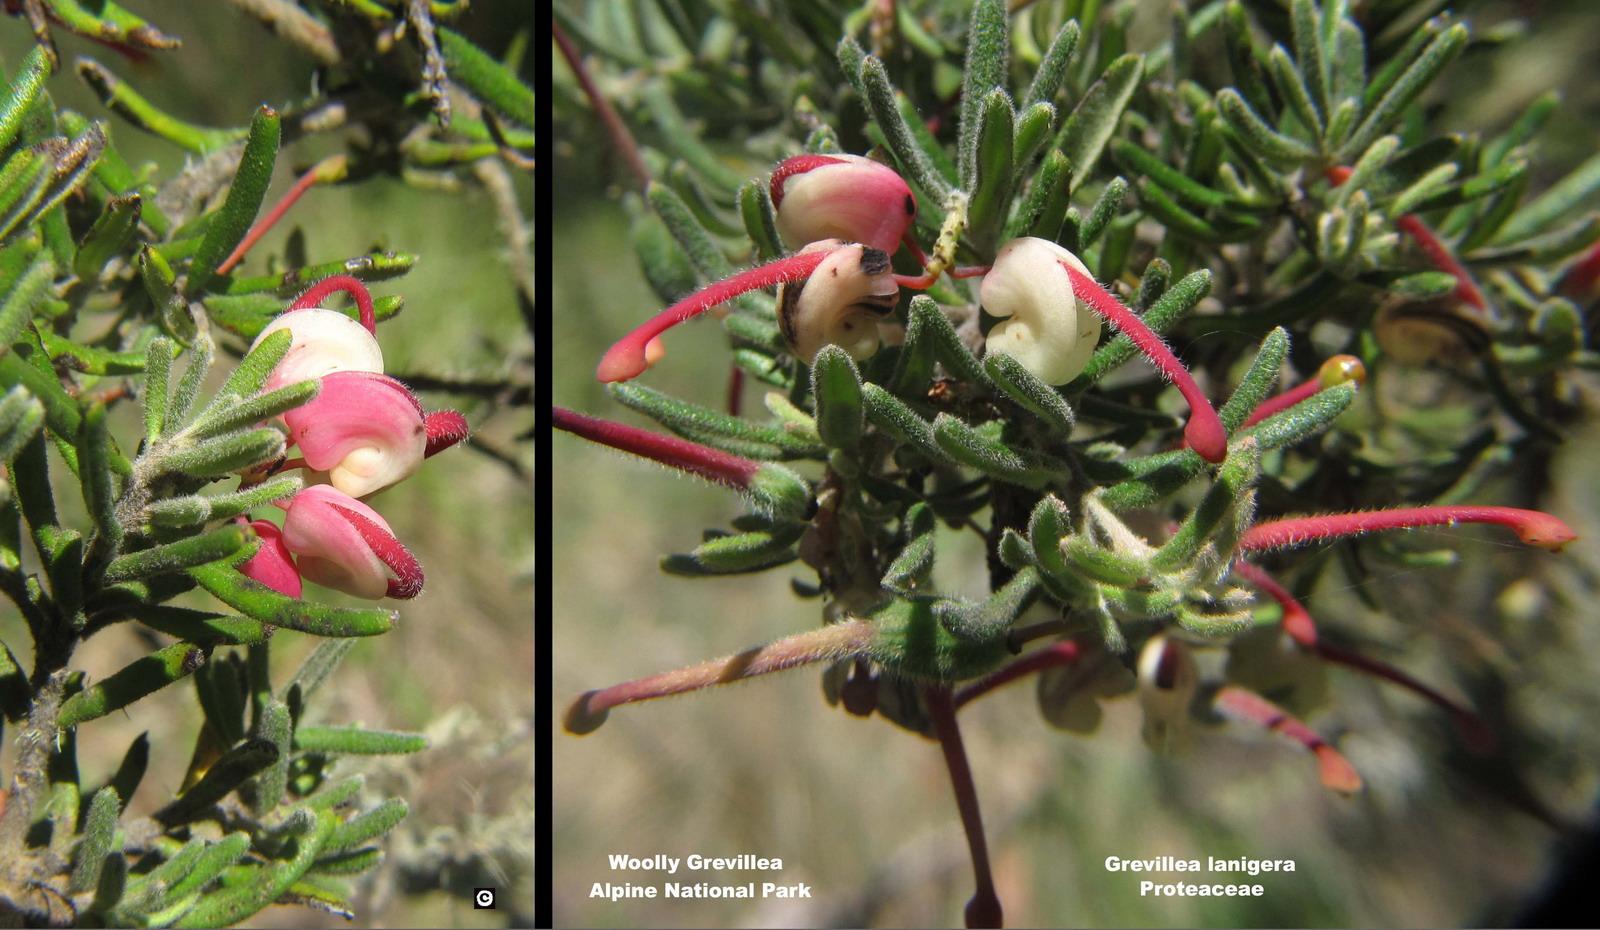 Grevillea lanigera flora ALA source